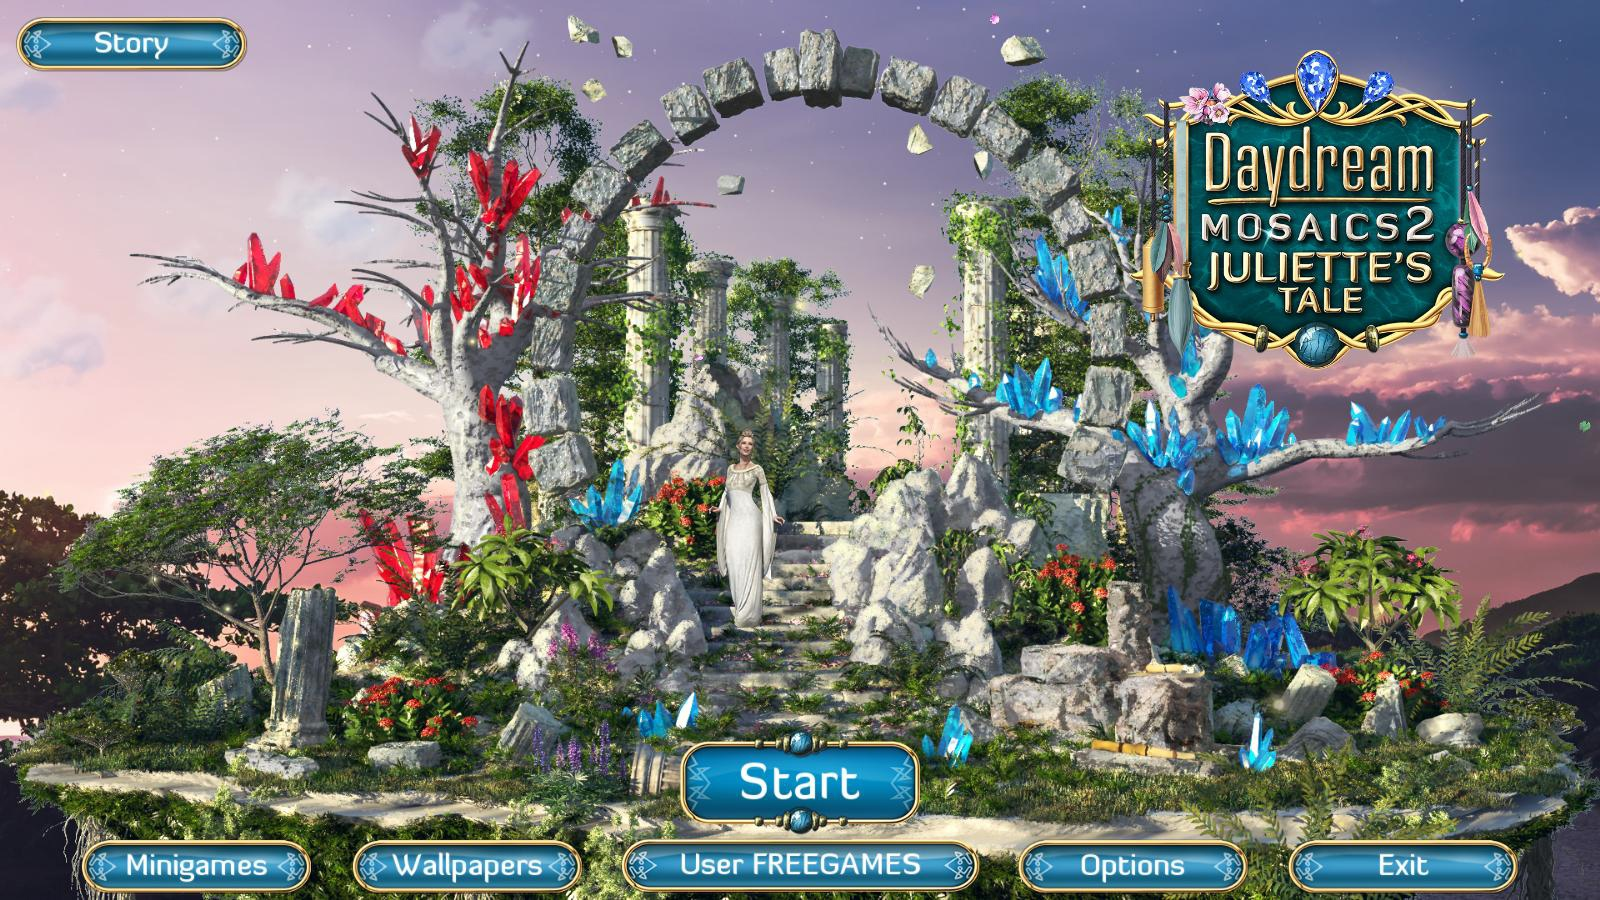 Сны наяву Мозаика: История Джульетты | Daydream Mosaics 2: Juliette's Tale (En)